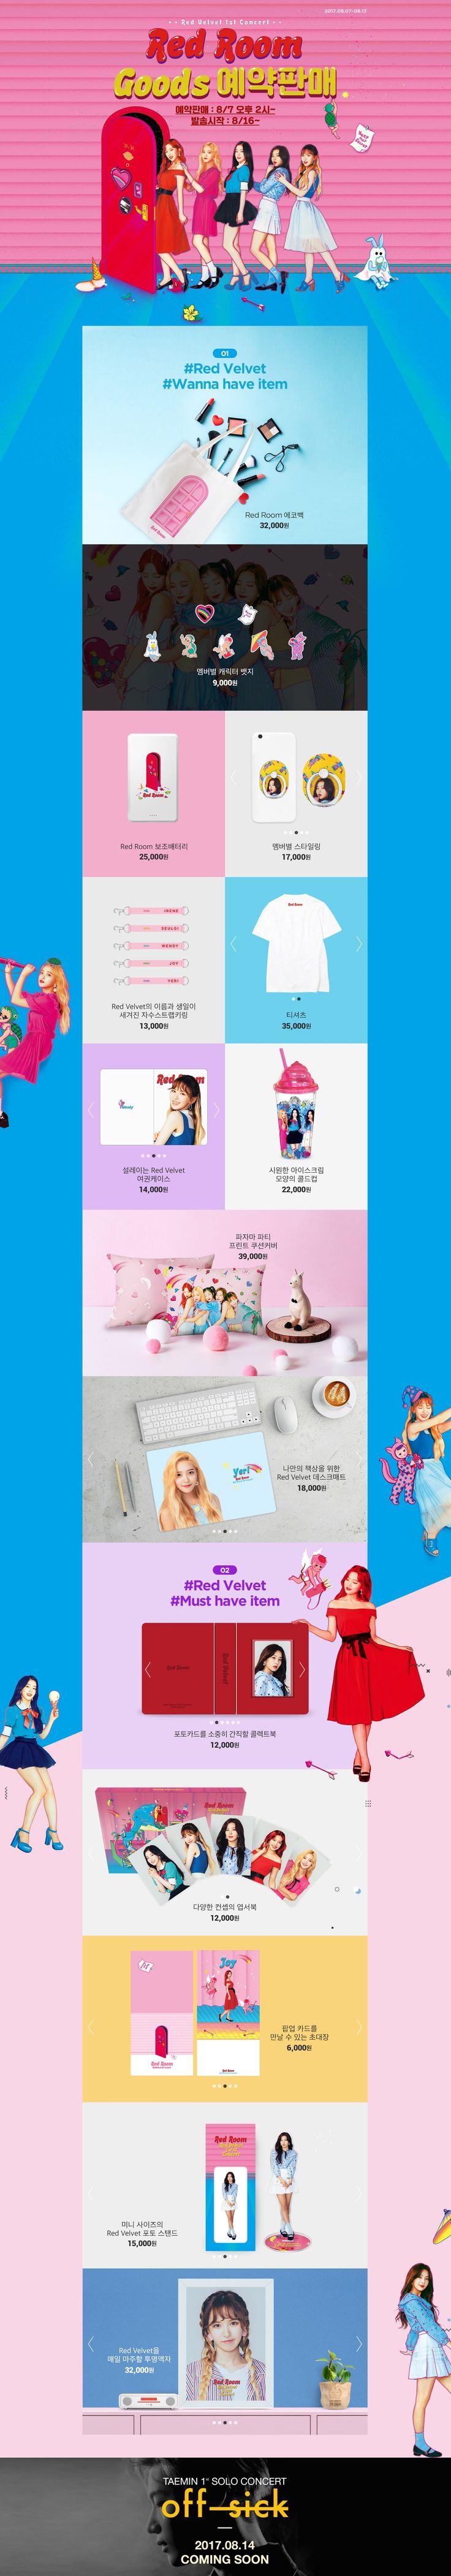 #2017년8월2주차 #11st #레드벨벳예약판매 www.11st.co.kr